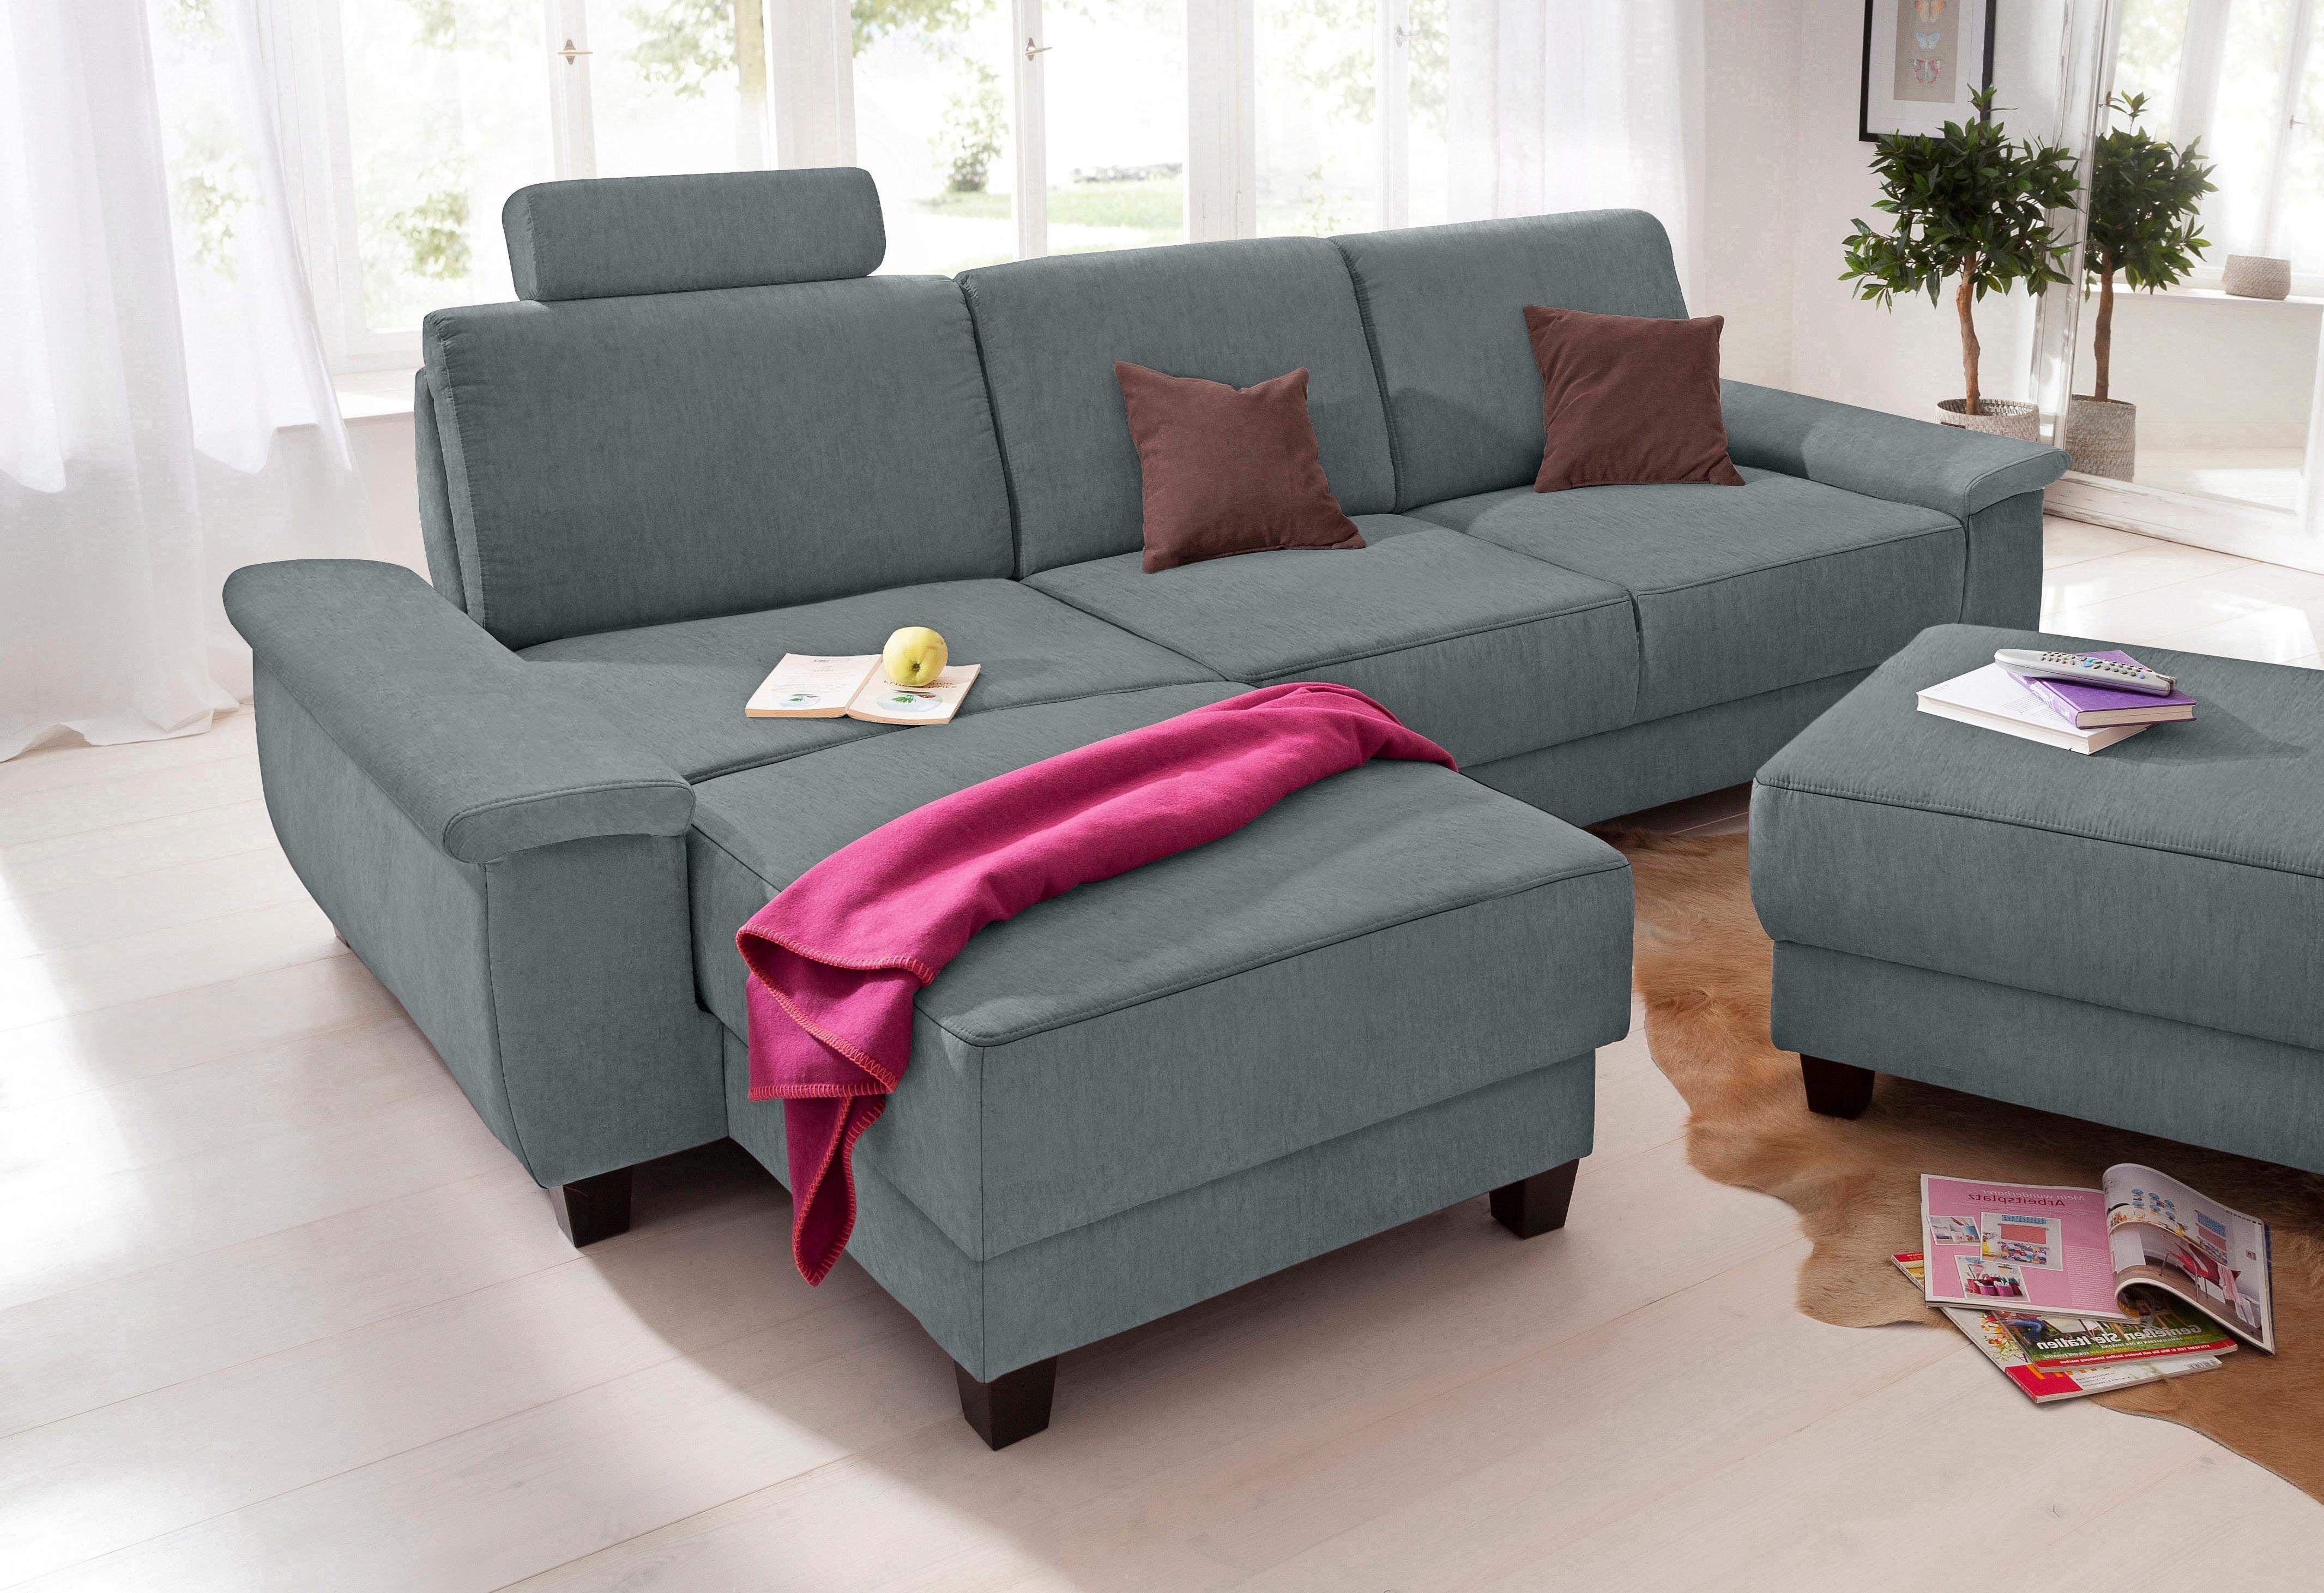 Entzückend Sofa Relaxfunktion Dekoration Von Home Affaire Ecksofa »mailandÂ« Grau, Mit Relaxfunktion,